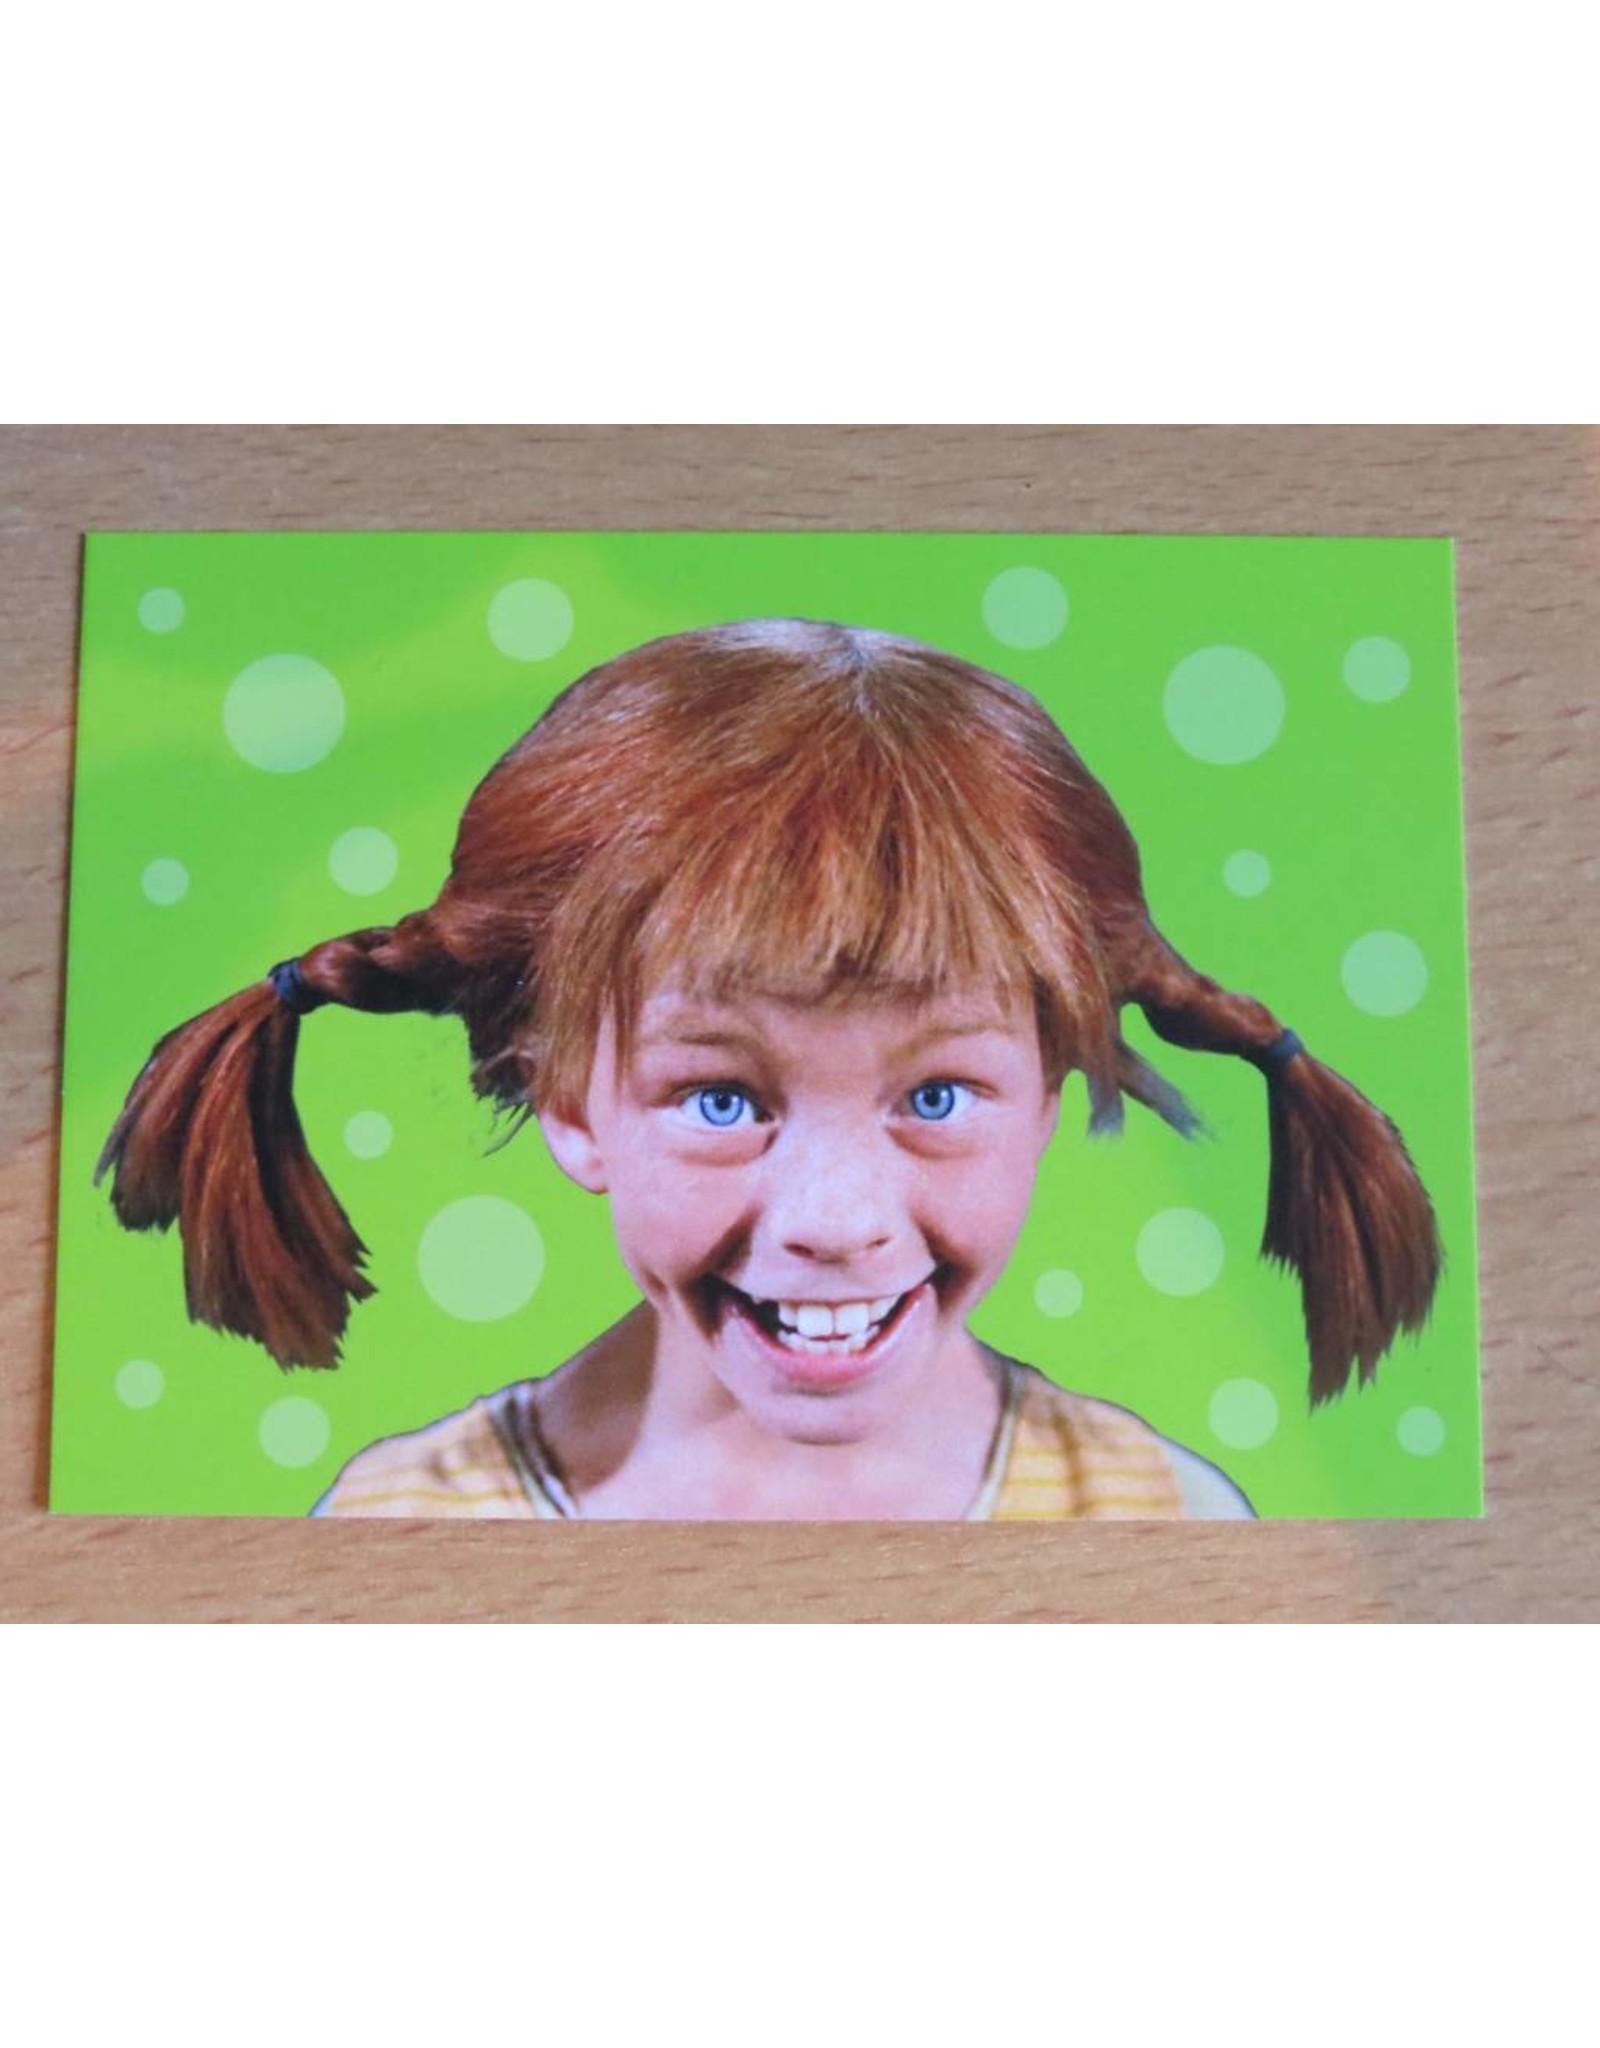 Pippi Langkous Pippi Langkous kaart- Snoet (groen)